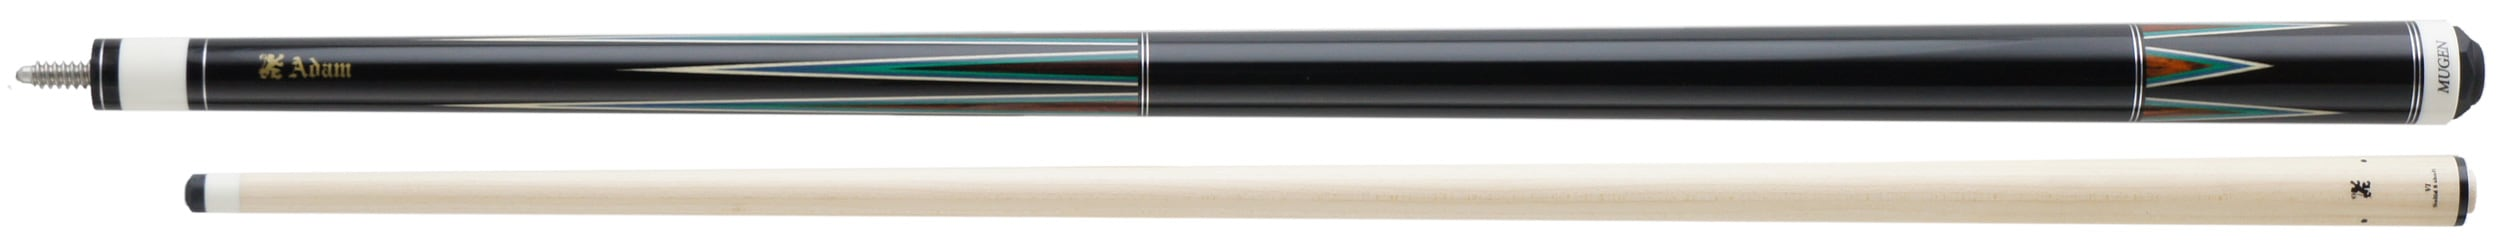 3c・キャロムキュー mugen ムゲン mgn-3 (solid 8 viシャフト装備/adam) 商品画像